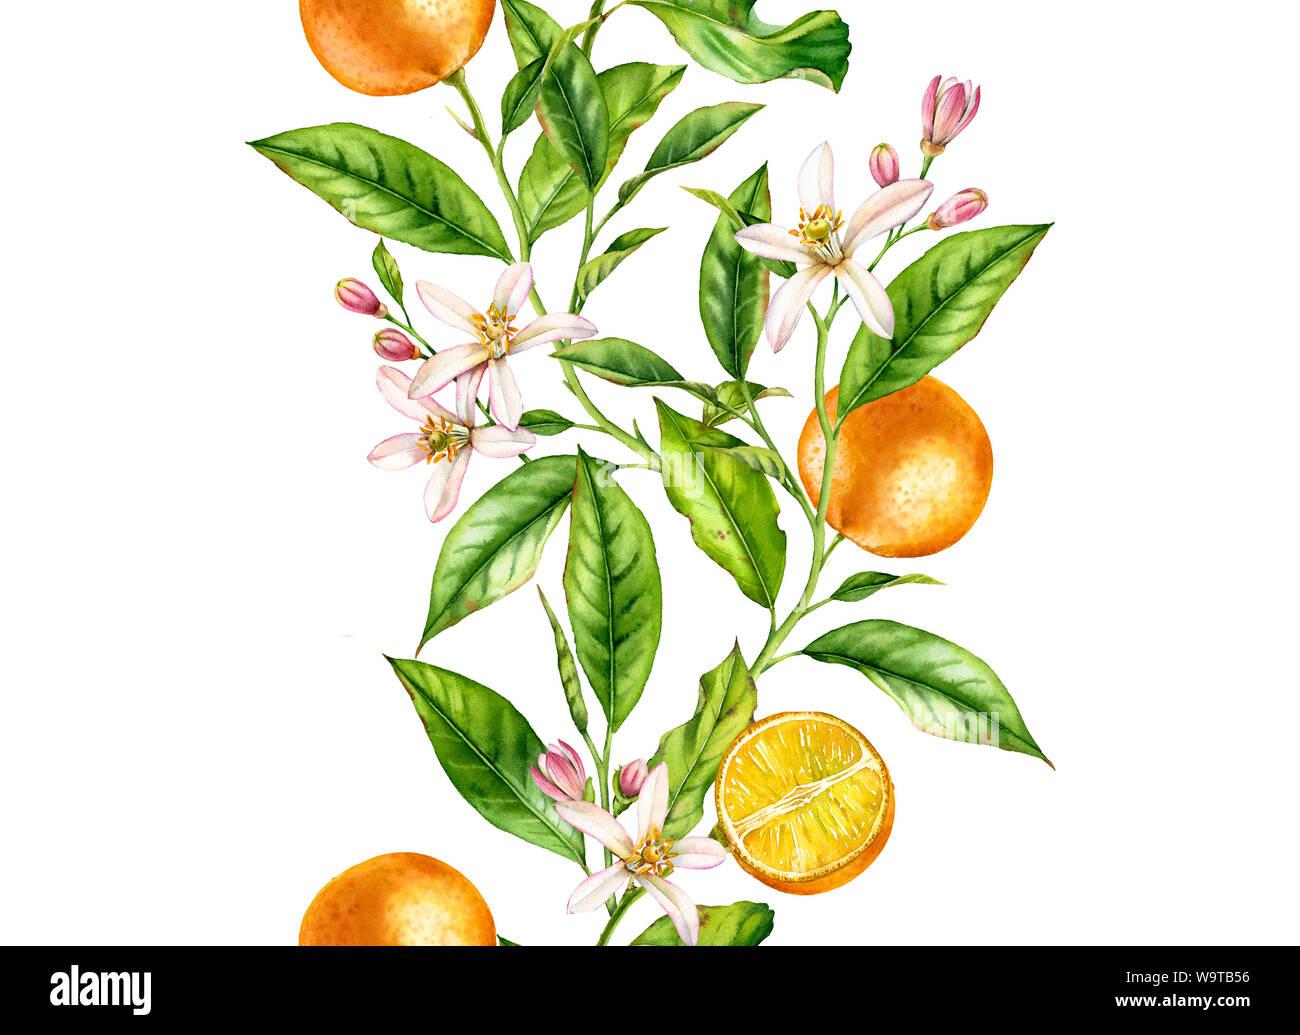 Orange Frucht nahtlose grenzüberschreitende Ast mit Blumen realistische Botanischen floral Oberfläche Design: Ganze halbe Zitrusfrucht Blätter auf weiße Hand isoliert gezeichnet Stockfoto